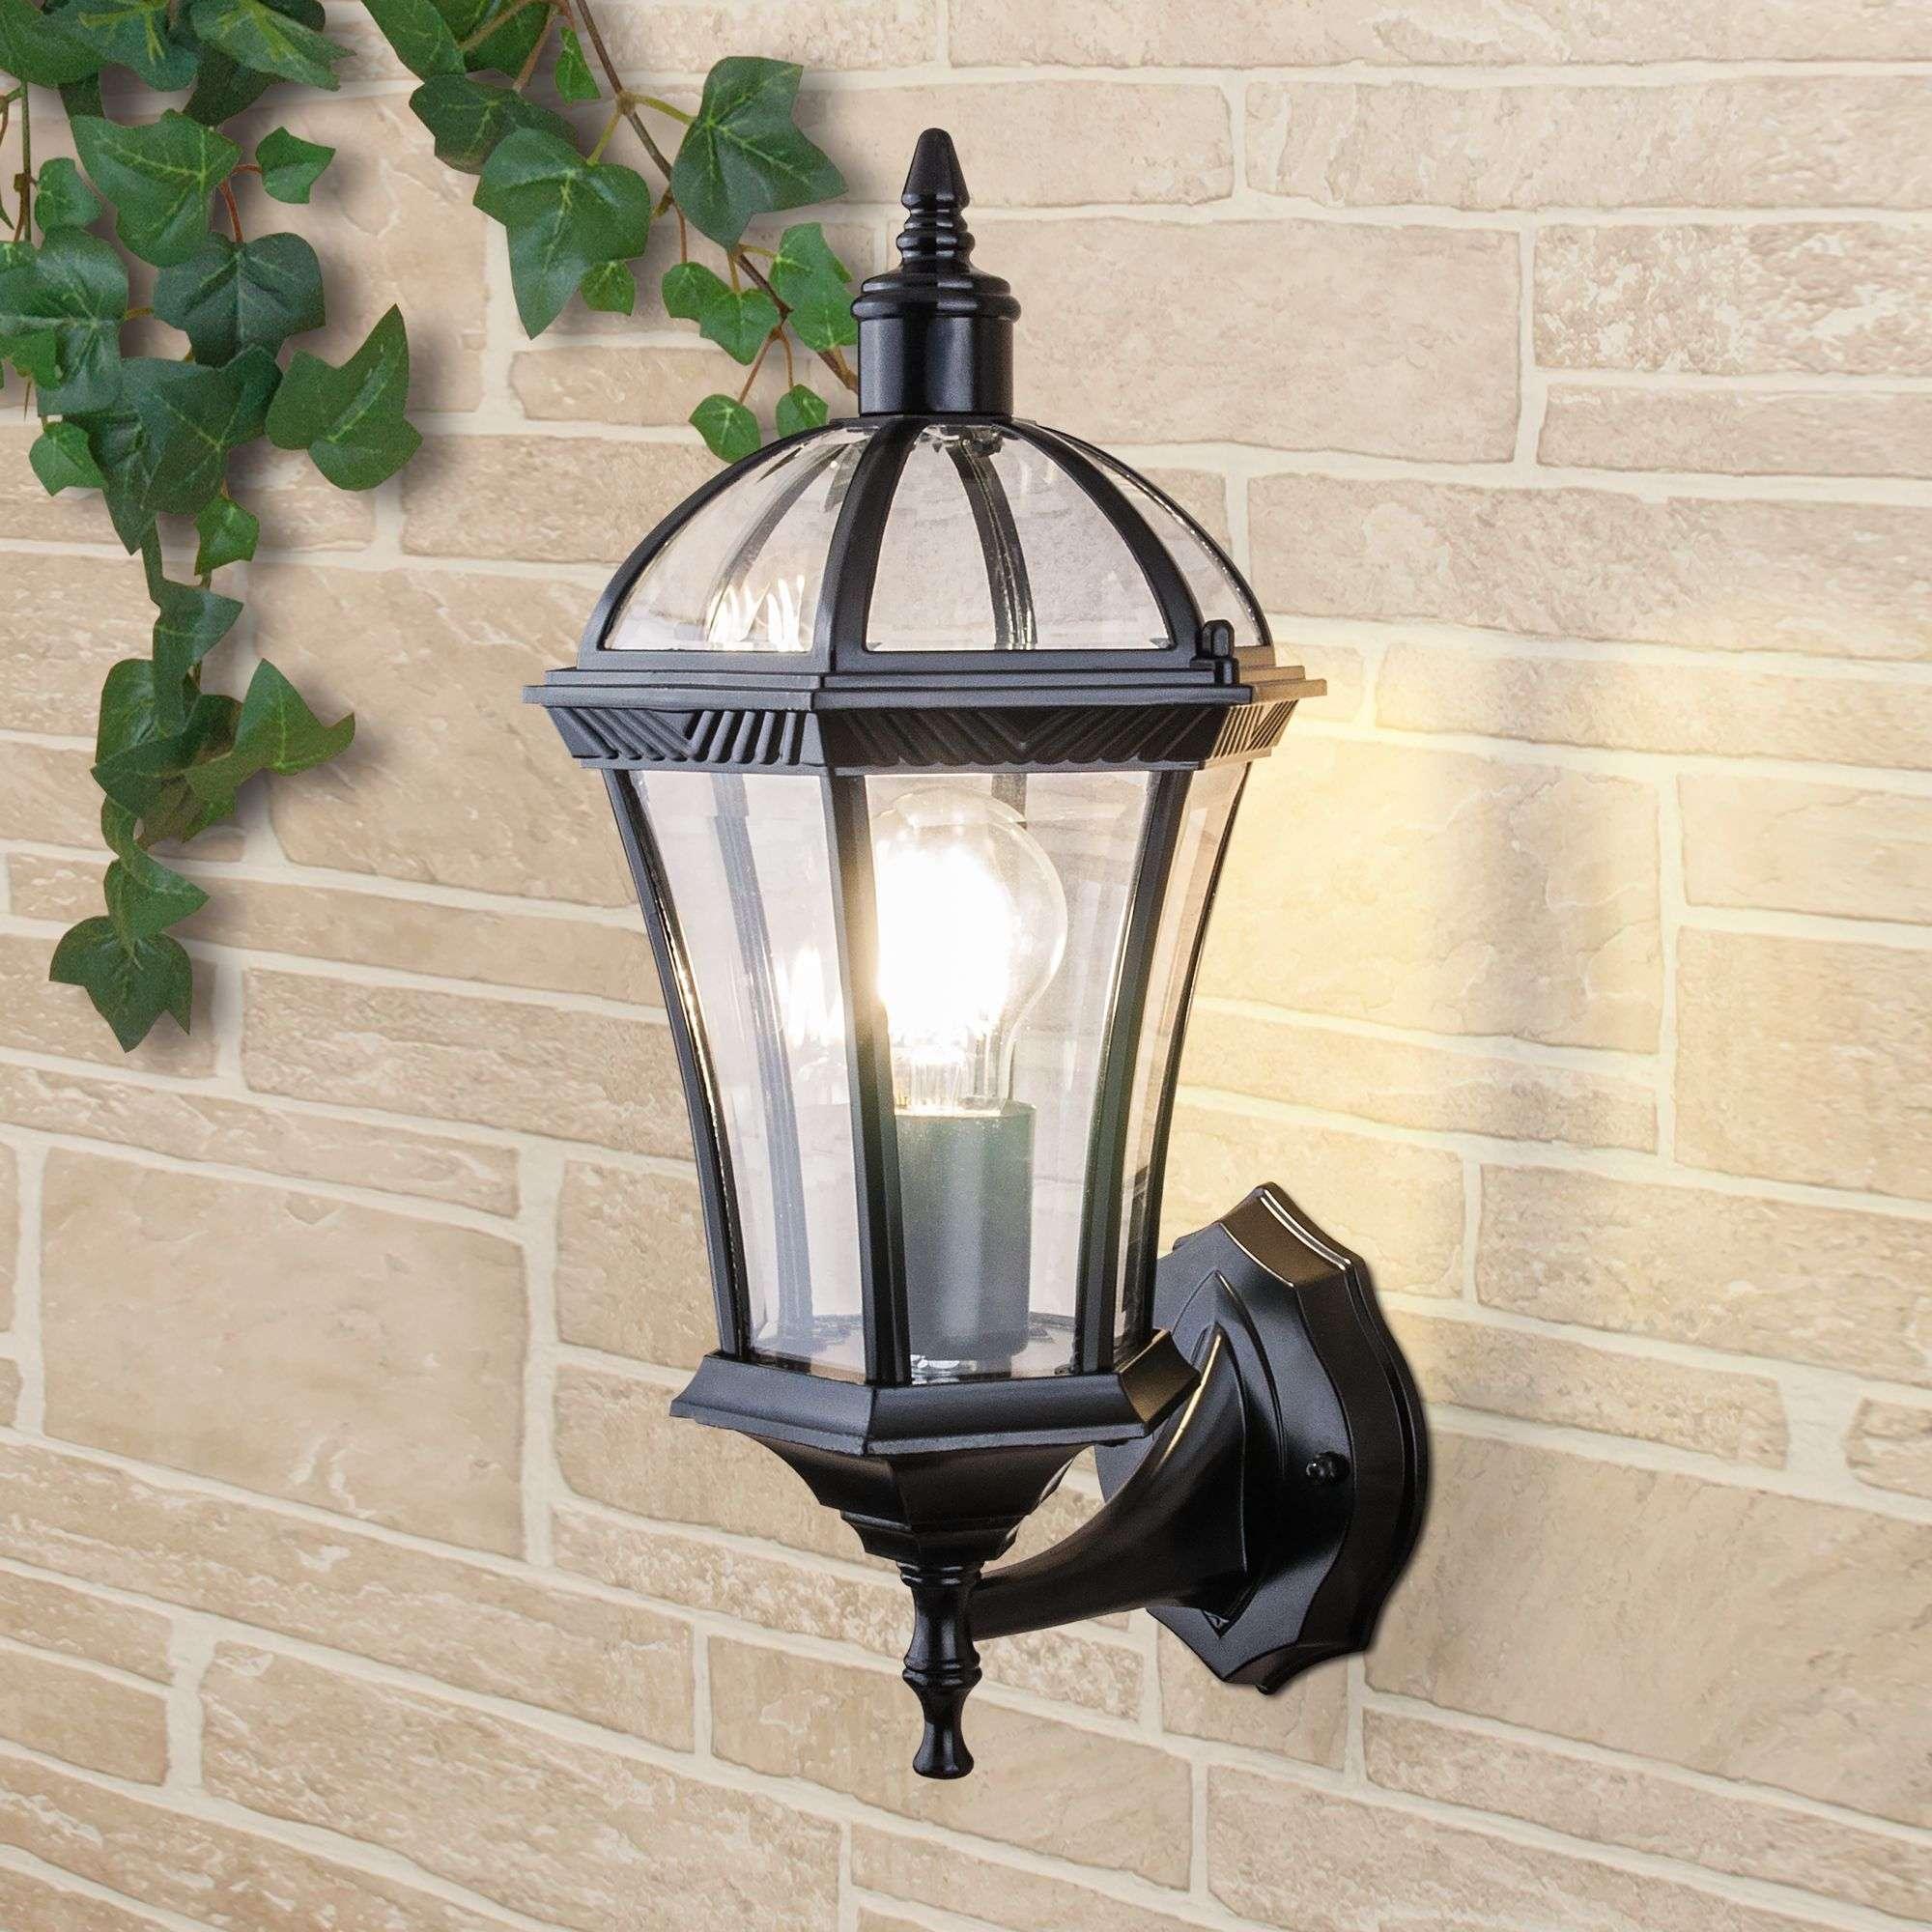 Уличный настенный светильник Capella черный IP44 Capella черный